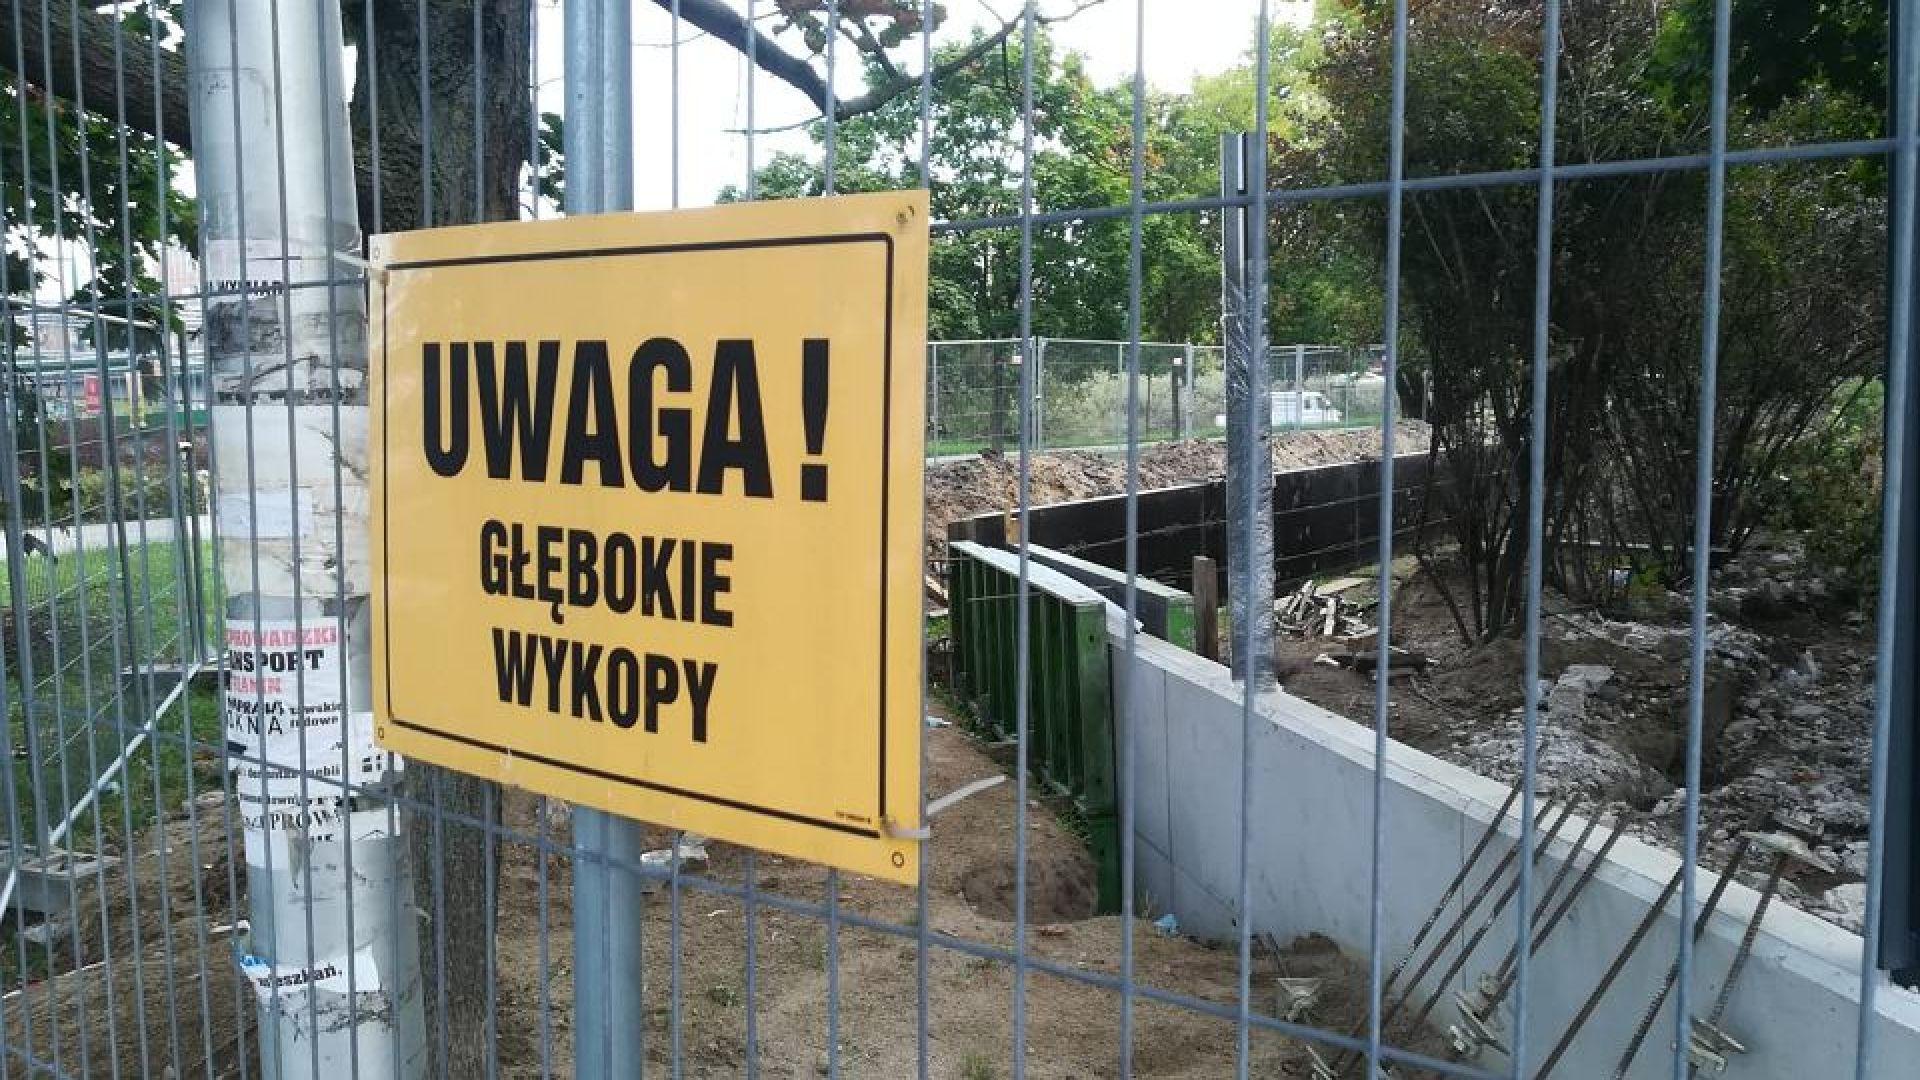 Сапьори загинаха при обезвреждане на снаряди от Втората световна война в Полша